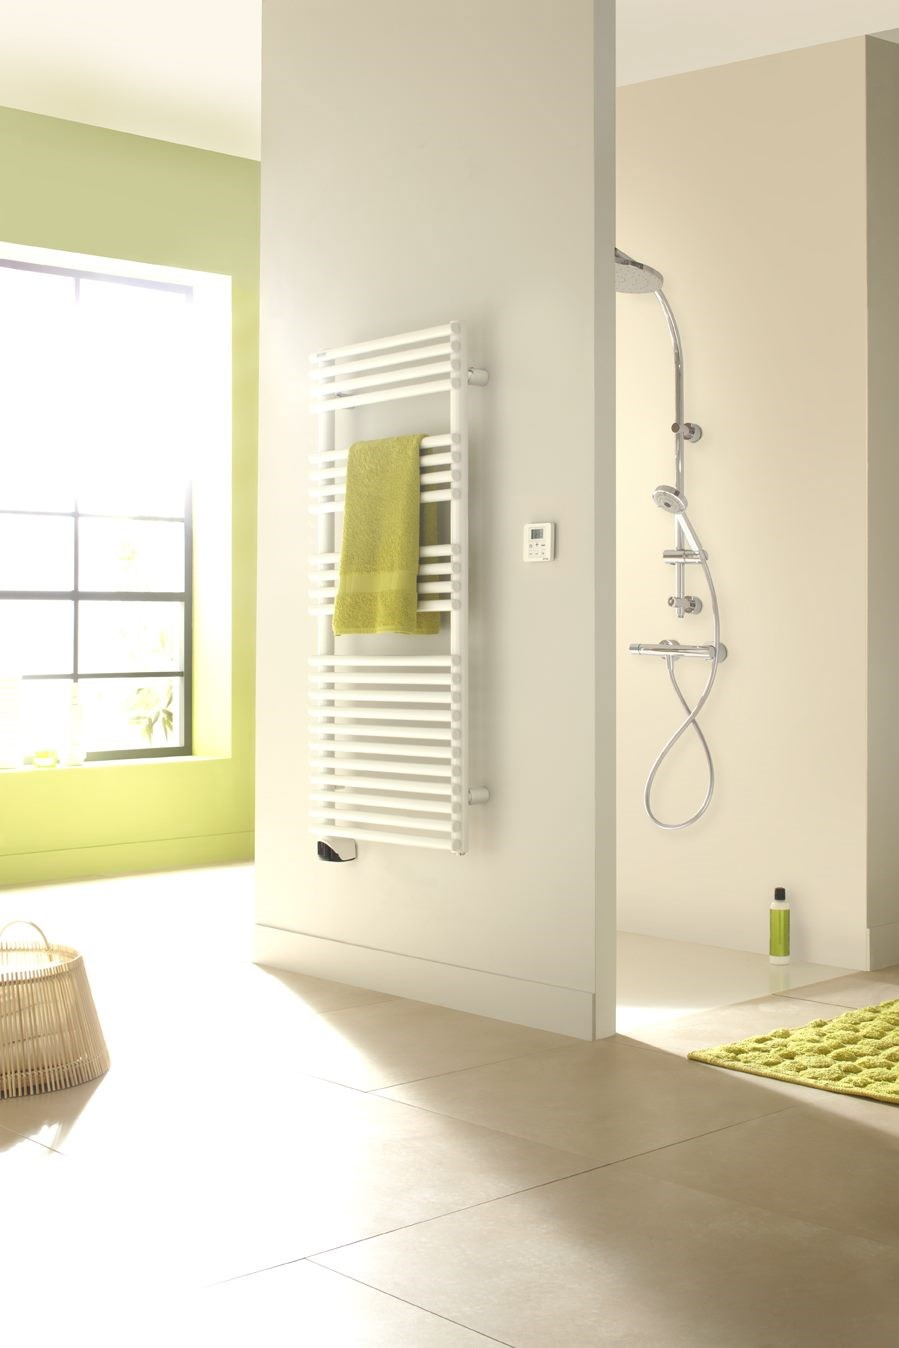 Acova Garantie dedans radiateur sèche-serviettes cala - tln / ifw électrique acova